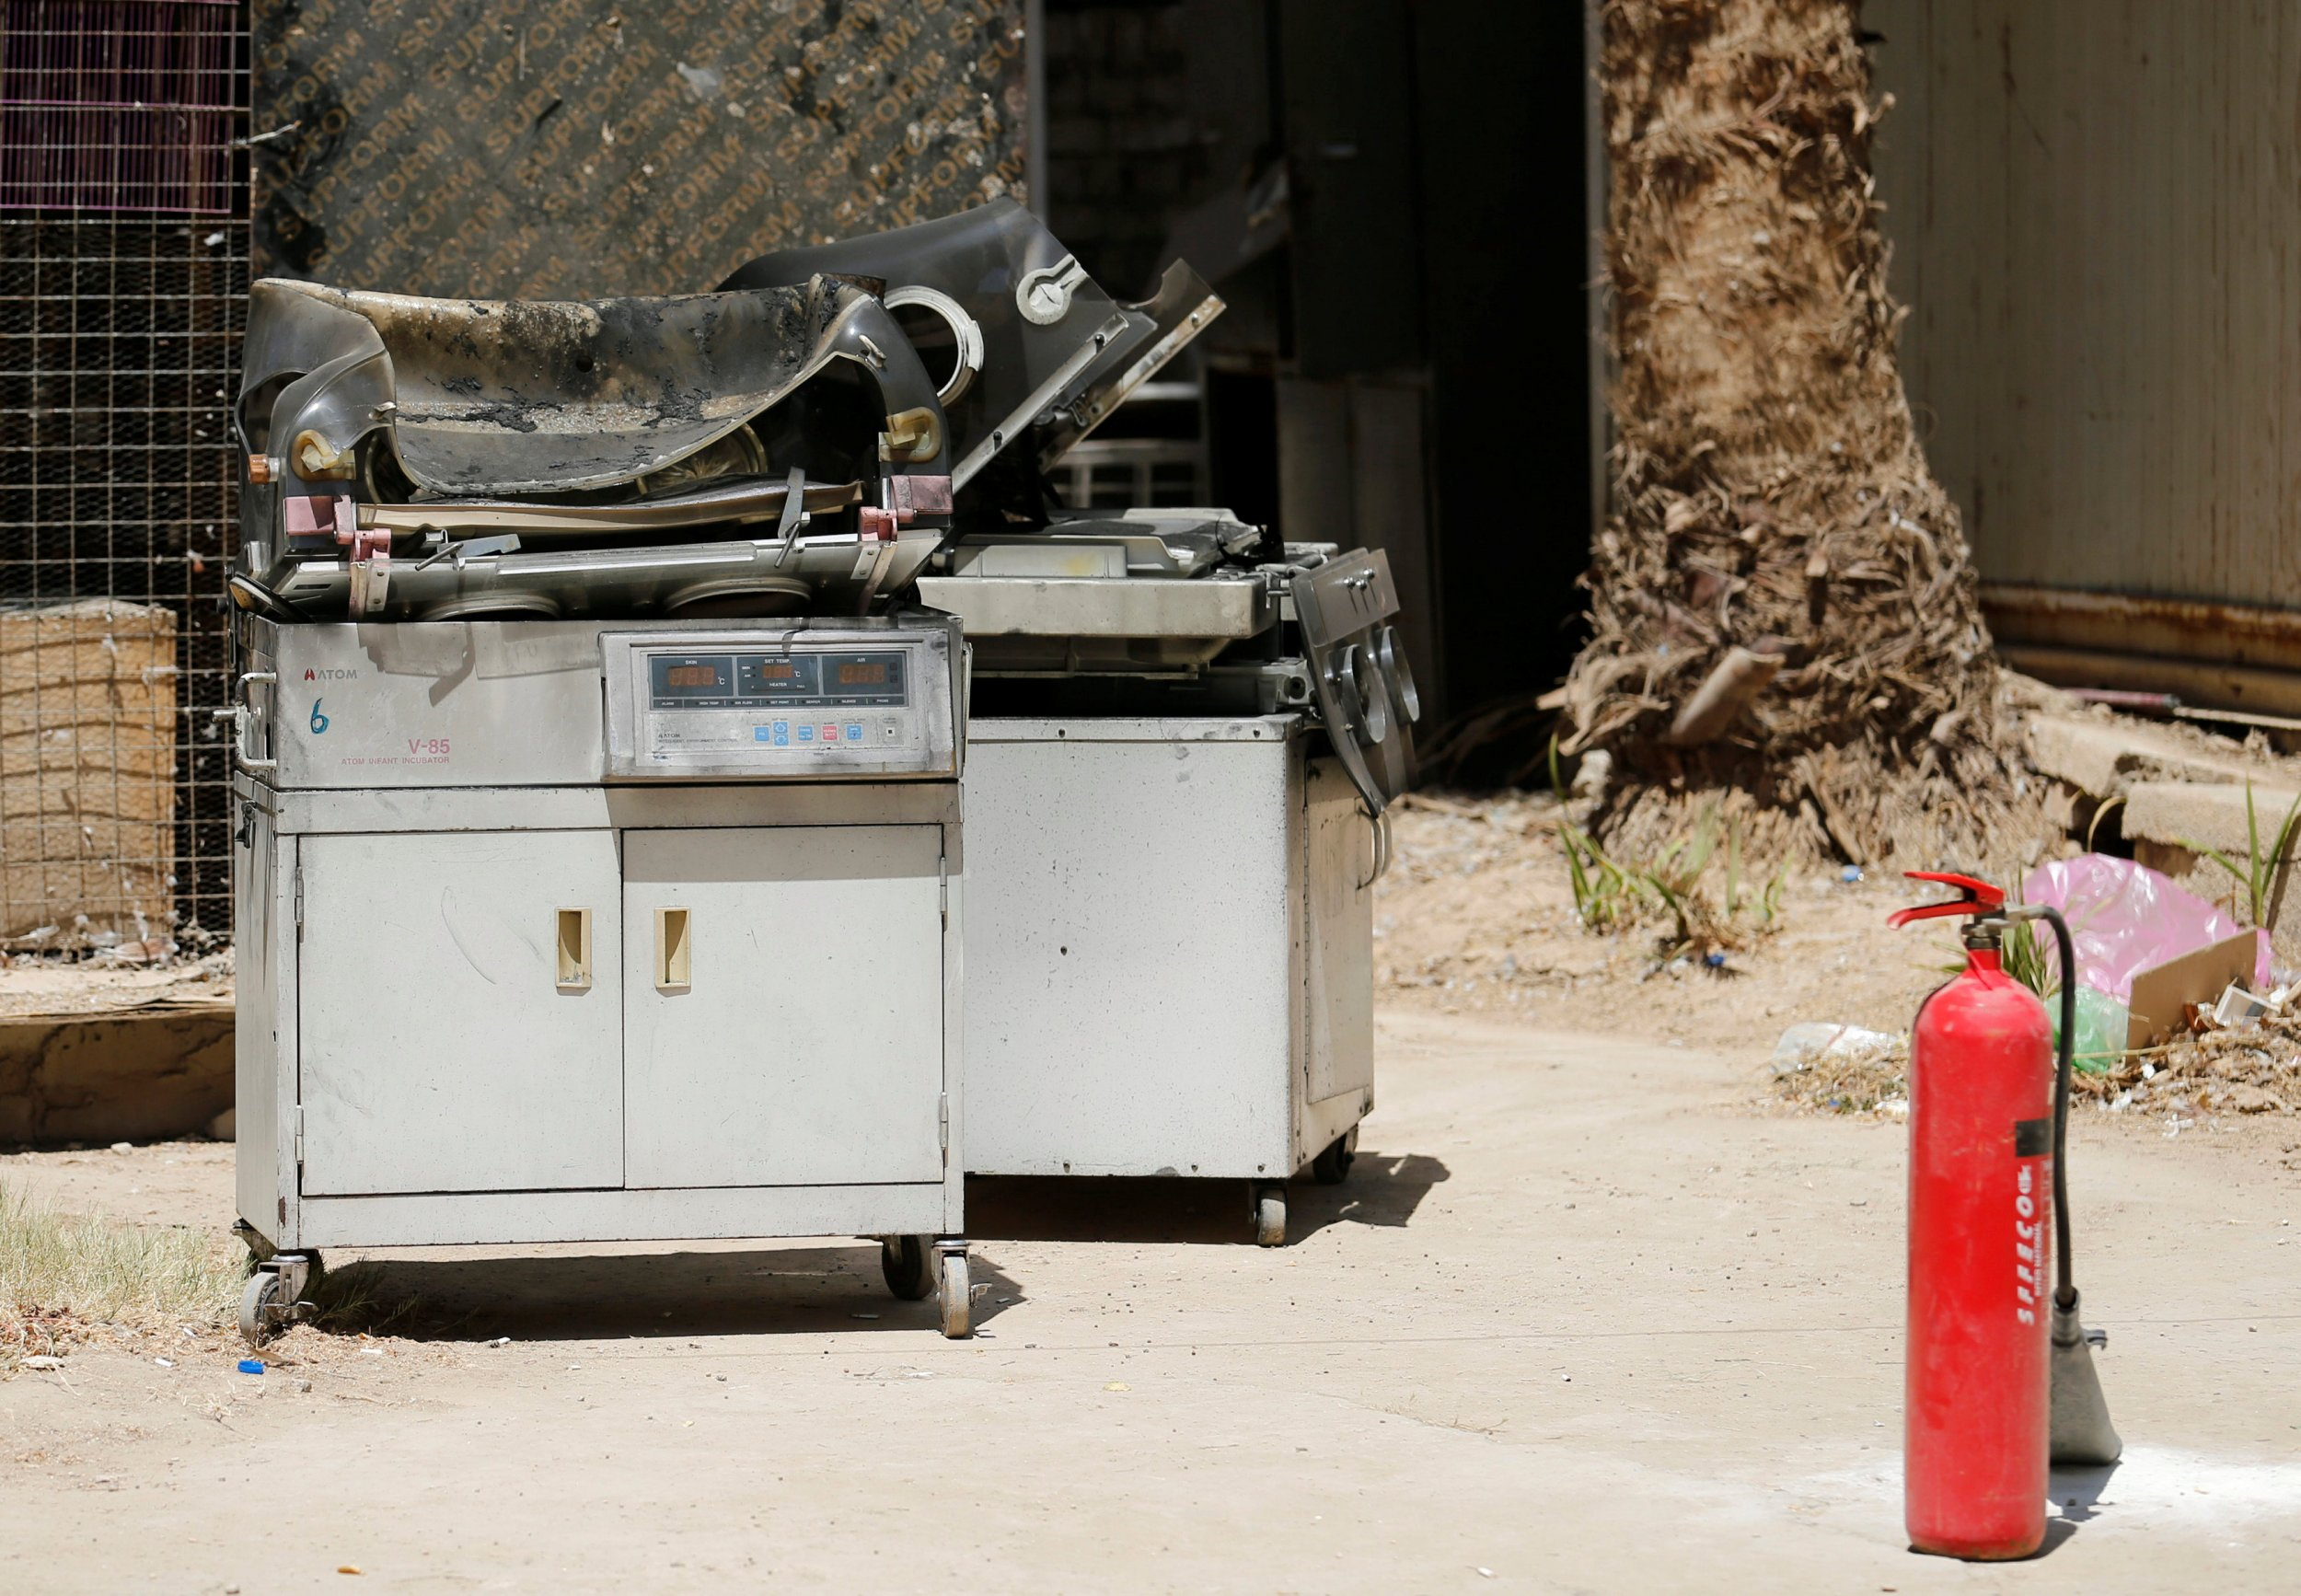 Hospital fire kills 11 newborn babies in Iraq